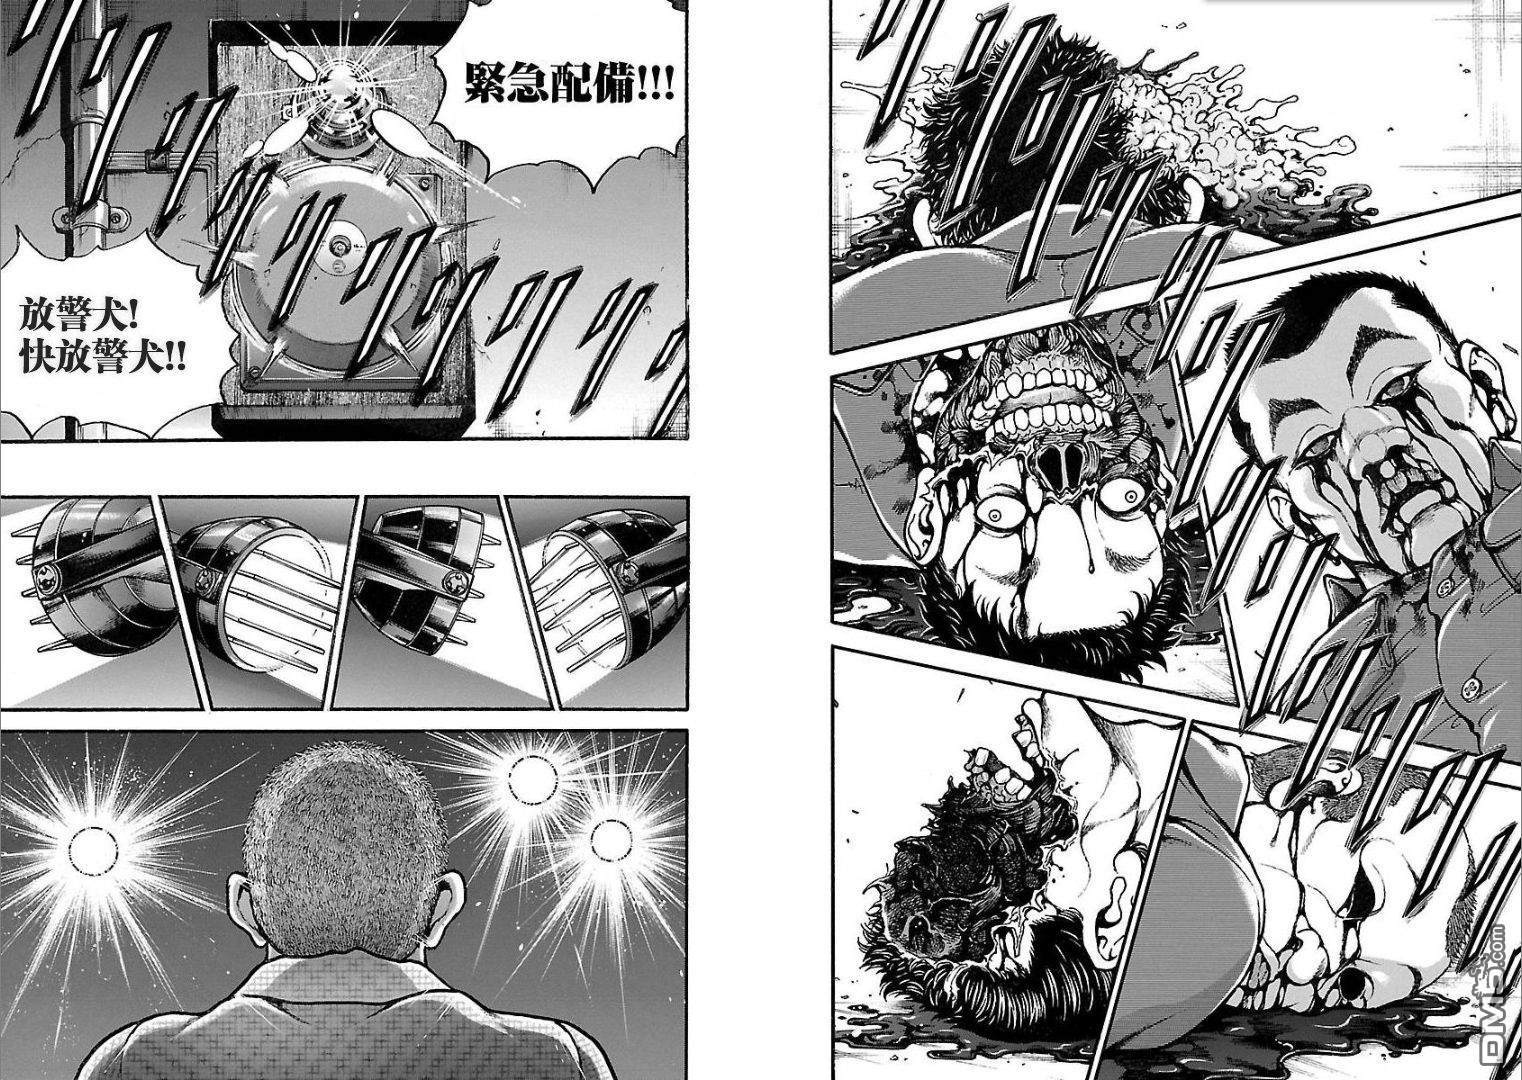 刃牙死囚篇Ⅱ前傳-東京復仇漫畫No.5柳龍光(第1頁)劇情-二次元動漫